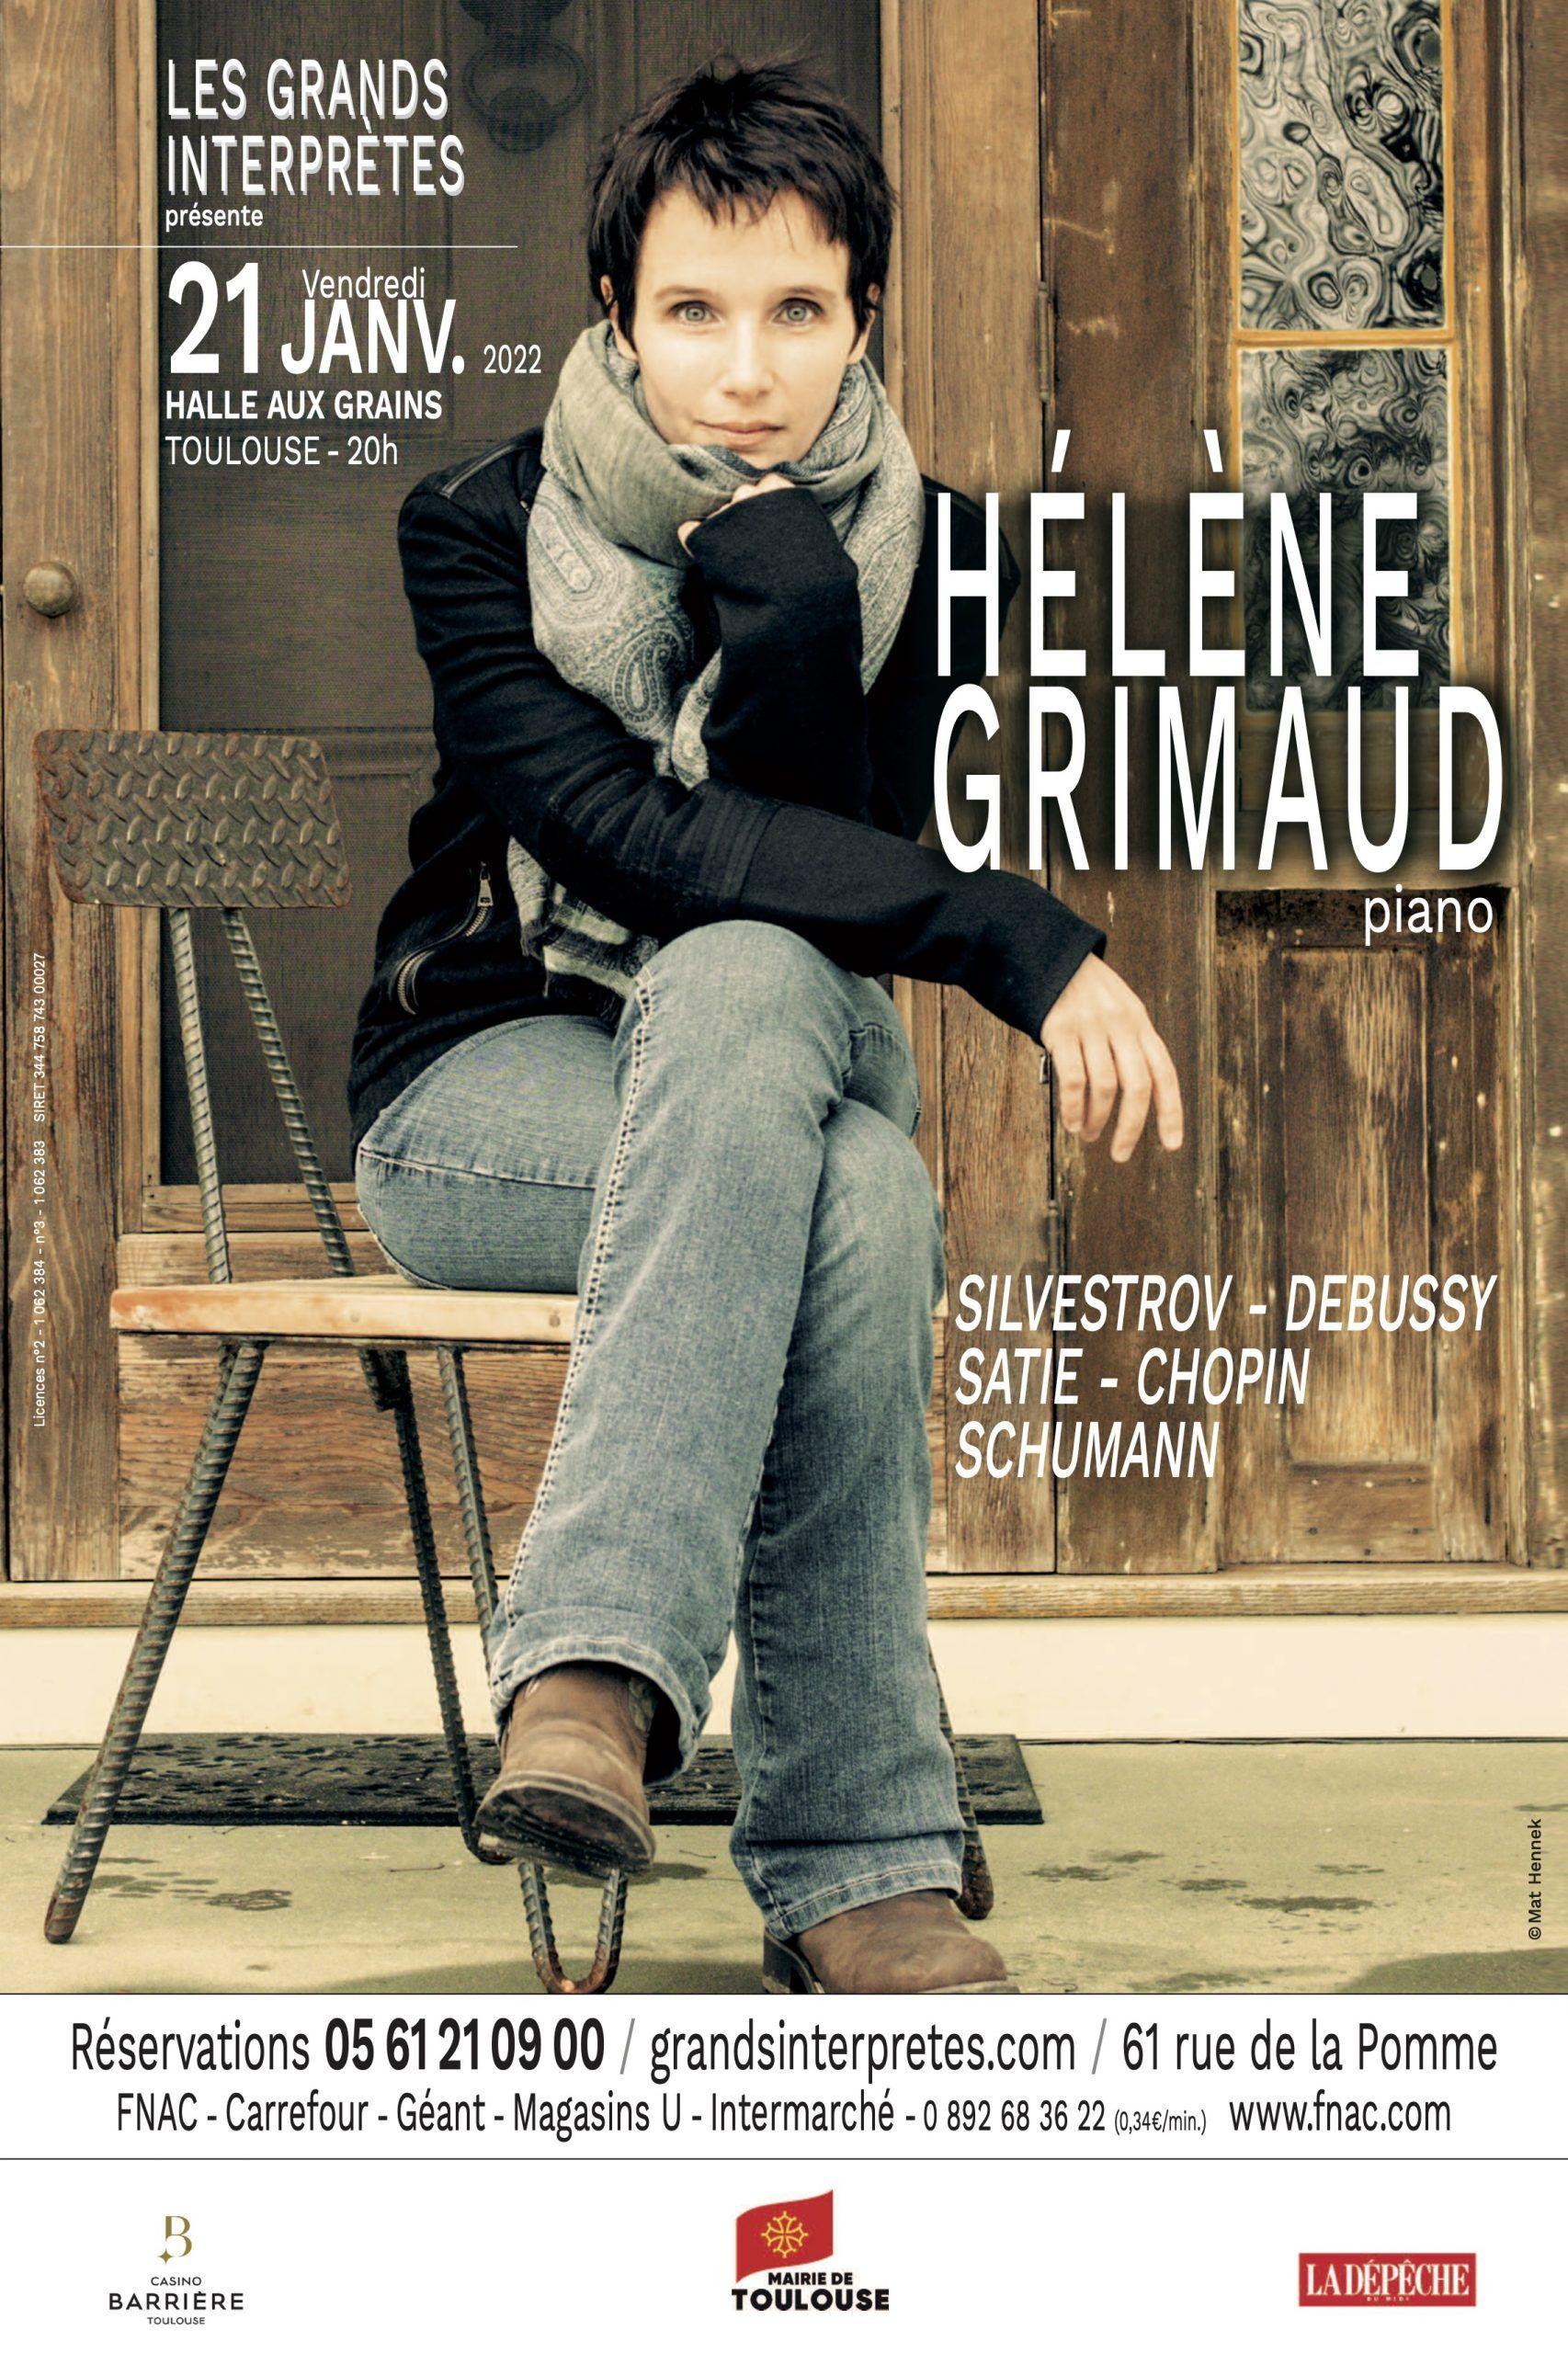 Les Grands Interprètes - Hélène Grimaud